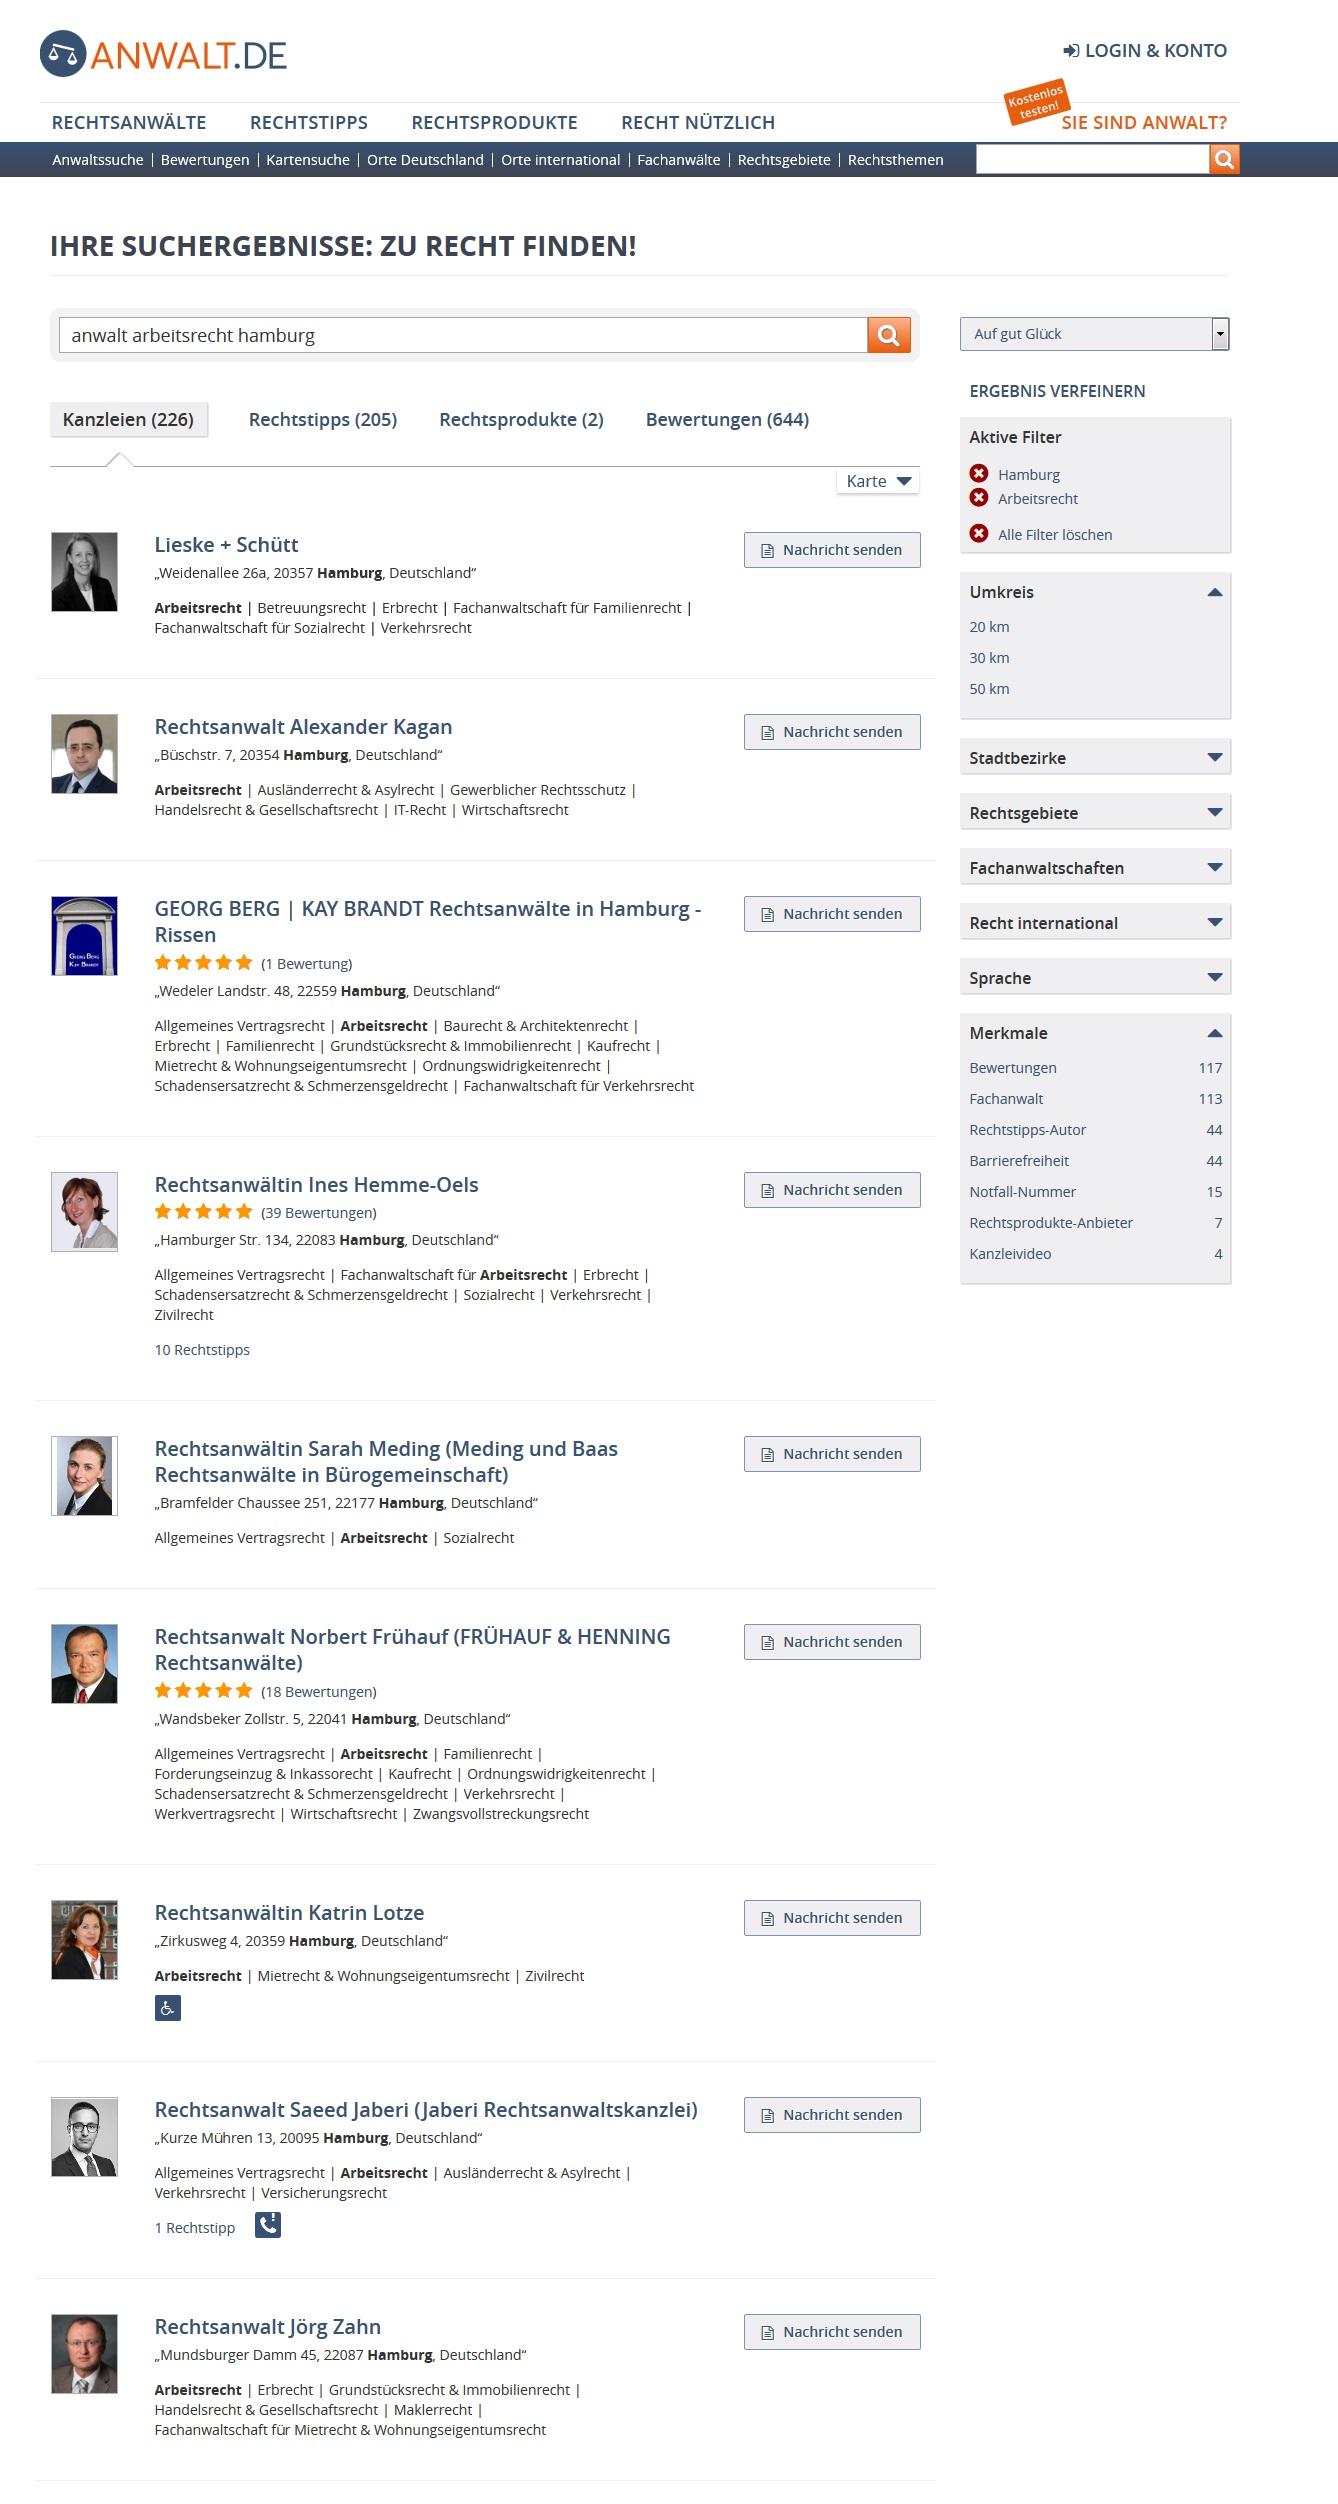 Darstellung 4: Suchergebnisseite von anwalt.de. Einträge mit Mandantenbewertungen heben sich von den anderen ab.